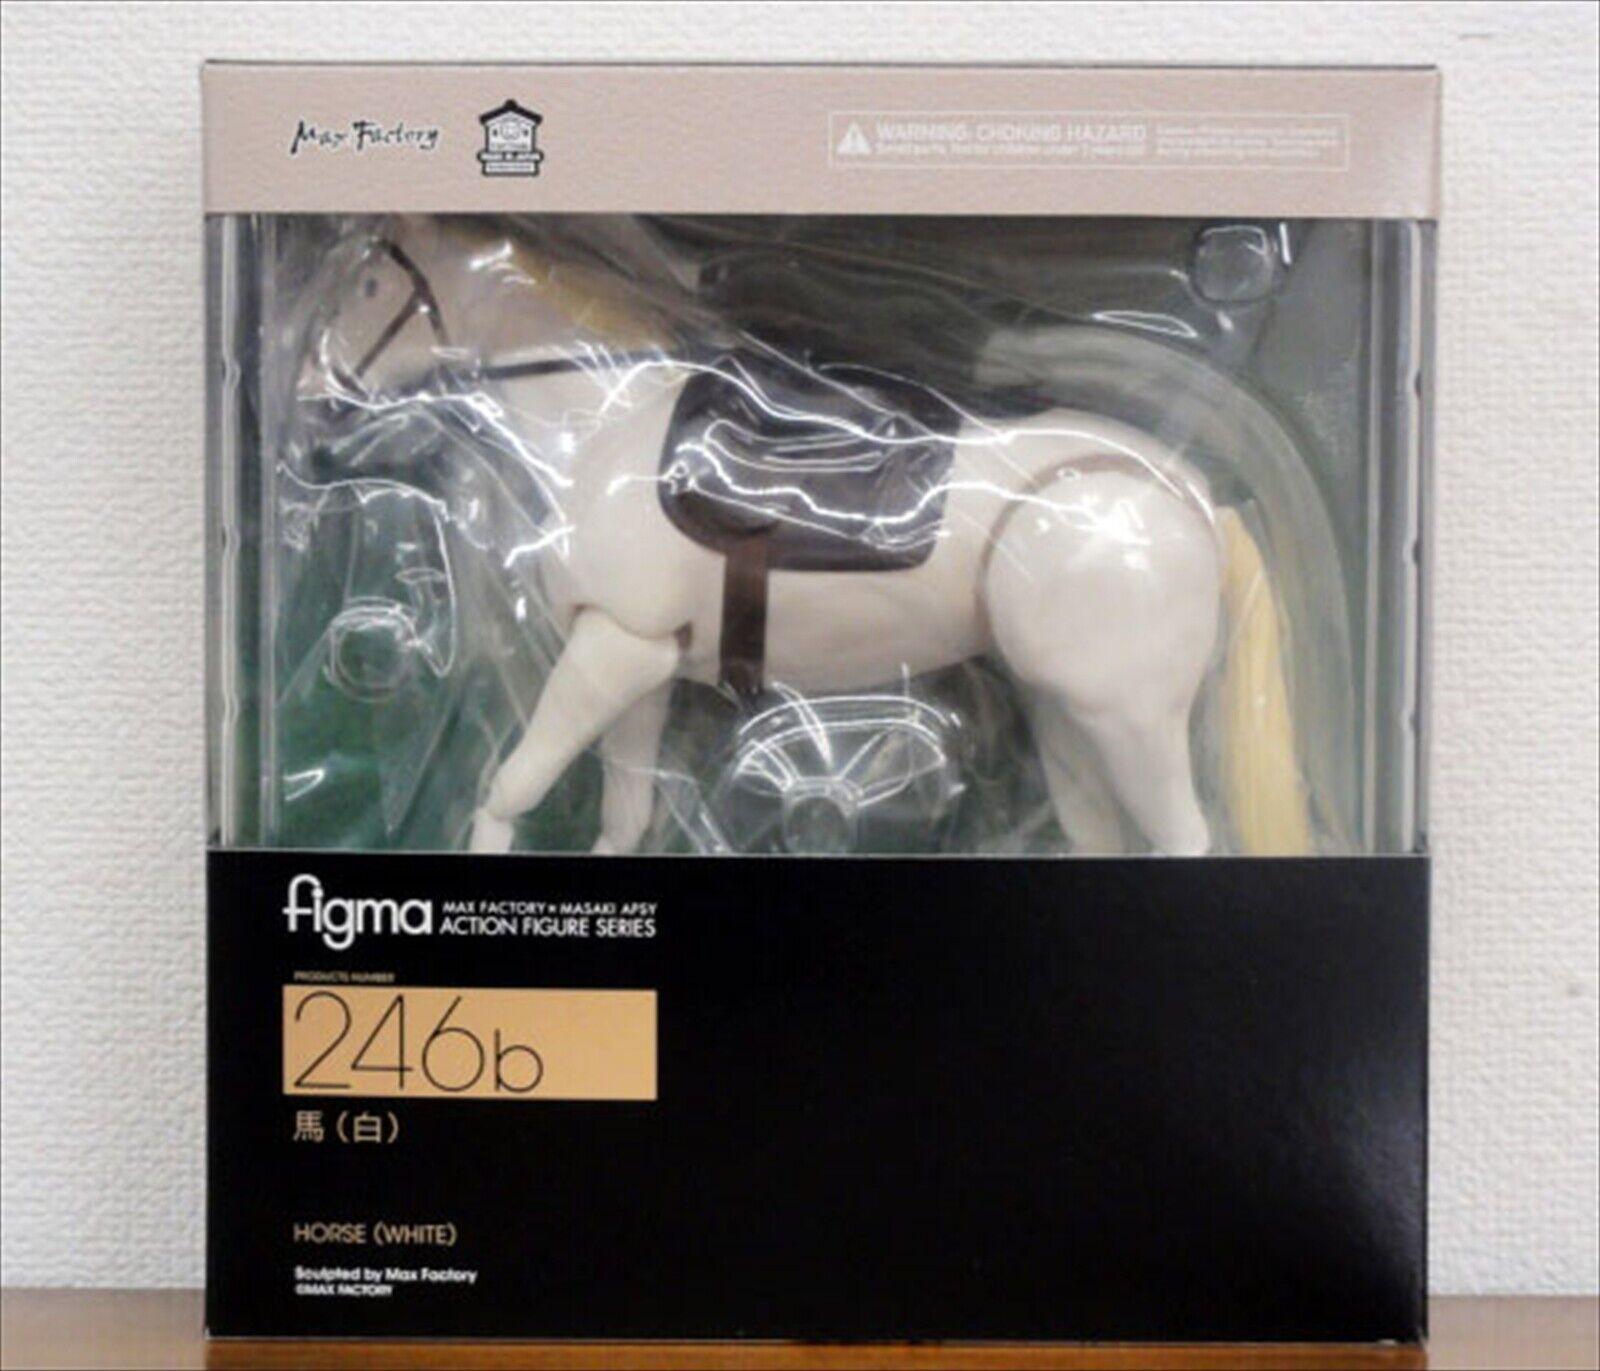 Max Factory Figma Caballo blancoo ABS Estatua PVC Figura de Acción Importado De Japón Nuevo